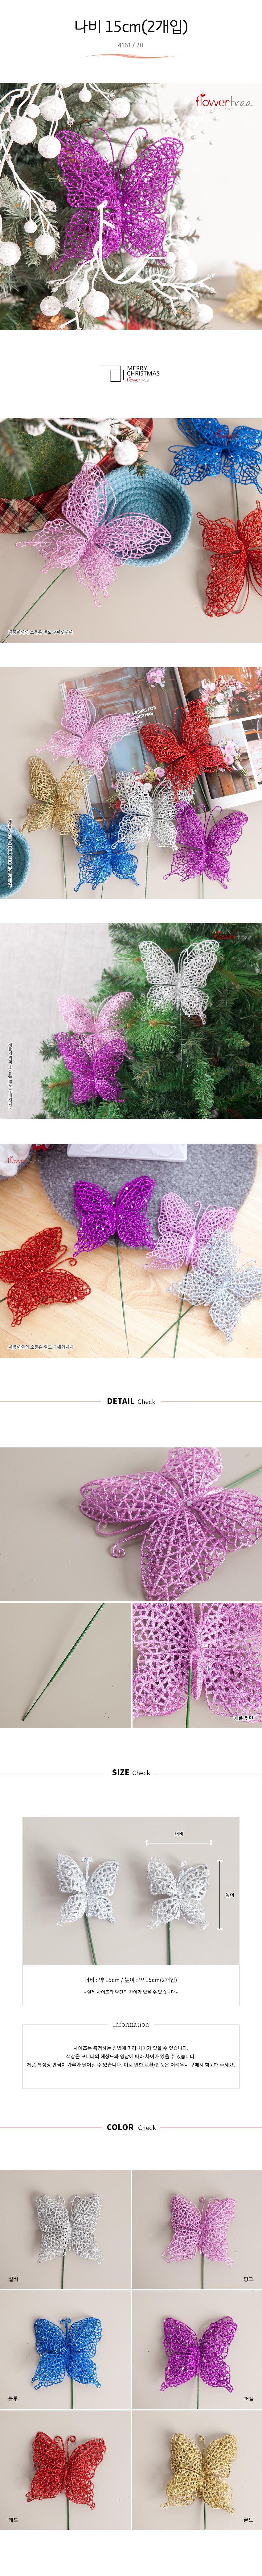 나비 15cm(2PCS) 트리 크리스마스 장식 소품 TROMCG - 플라워트리, 1,400원, 장식품, 크리스마스소품